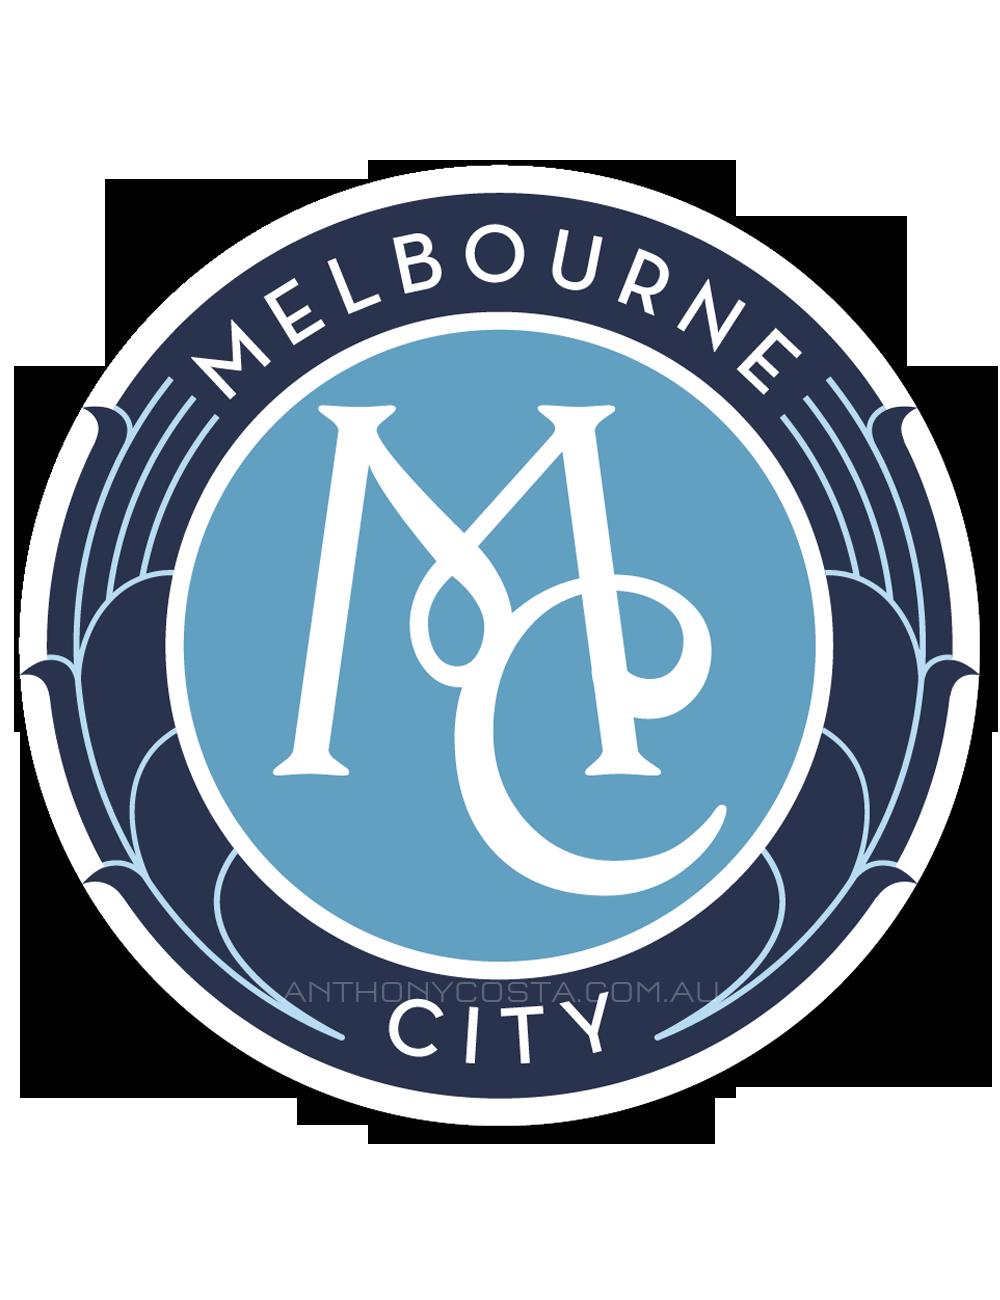 Melbourne City football logo design